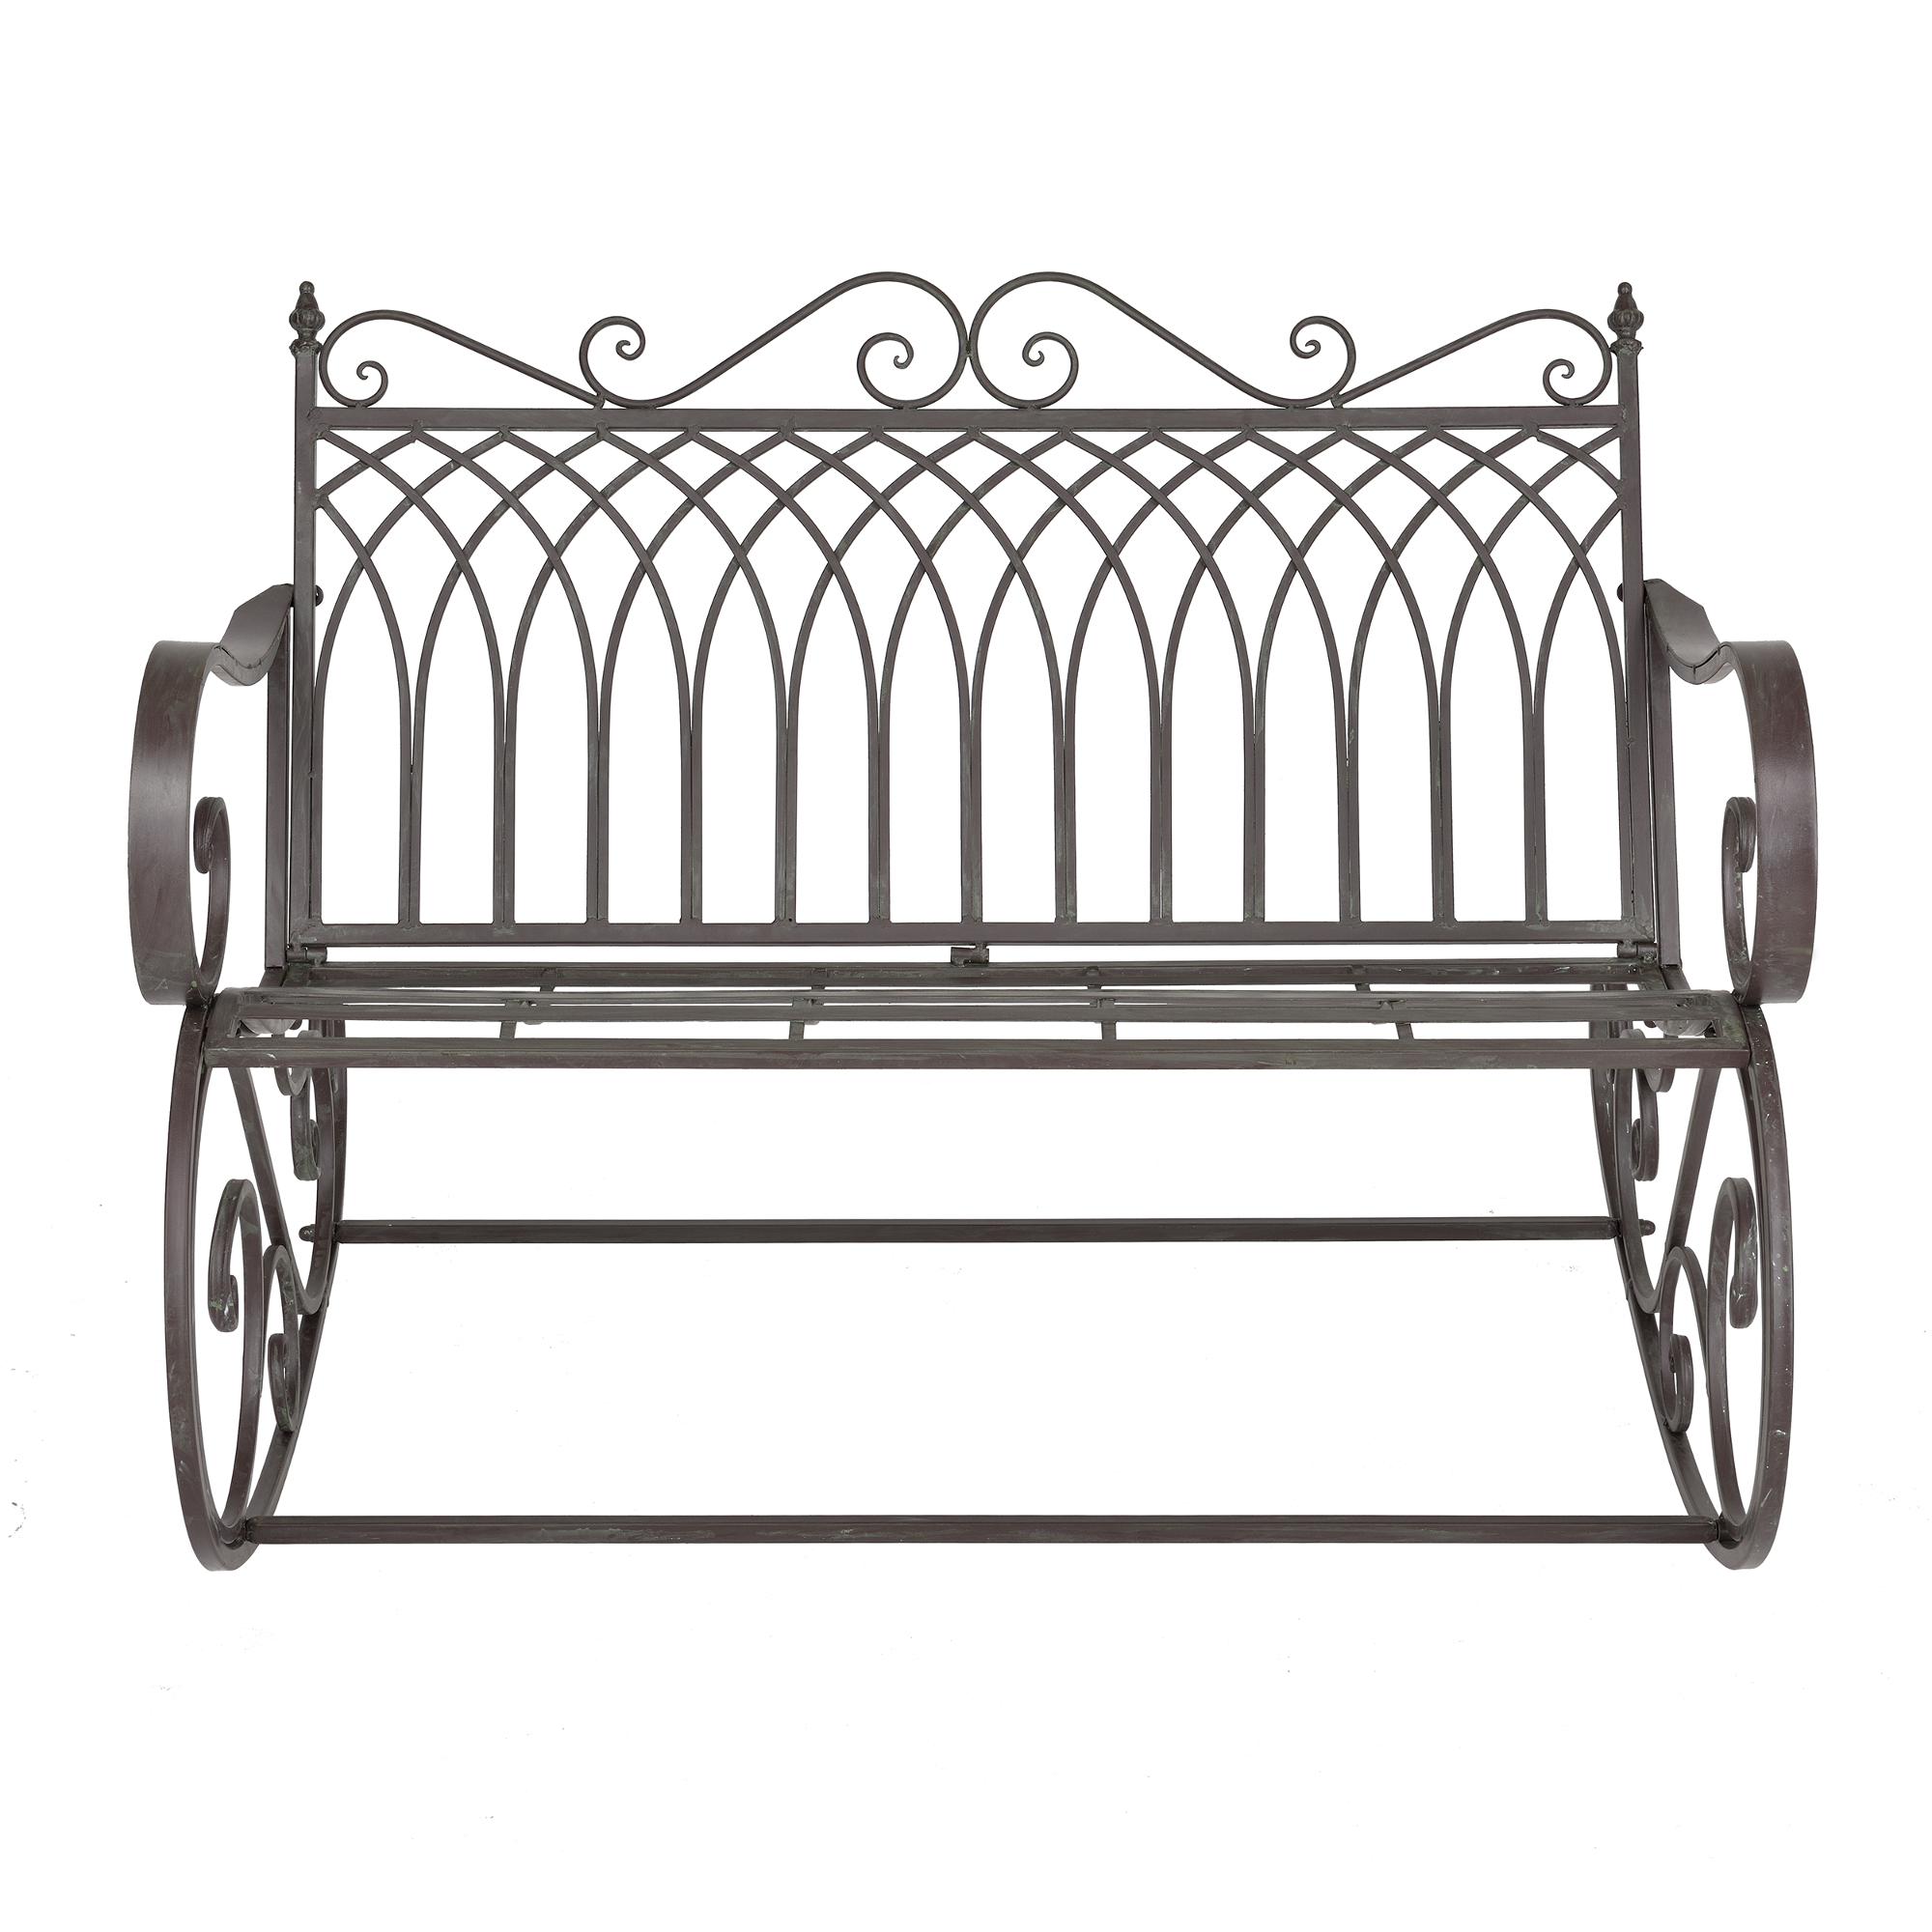 schaukelbank bank gartenbank gartenm bel metall schaukel gr n grau ebay. Black Bedroom Furniture Sets. Home Design Ideas